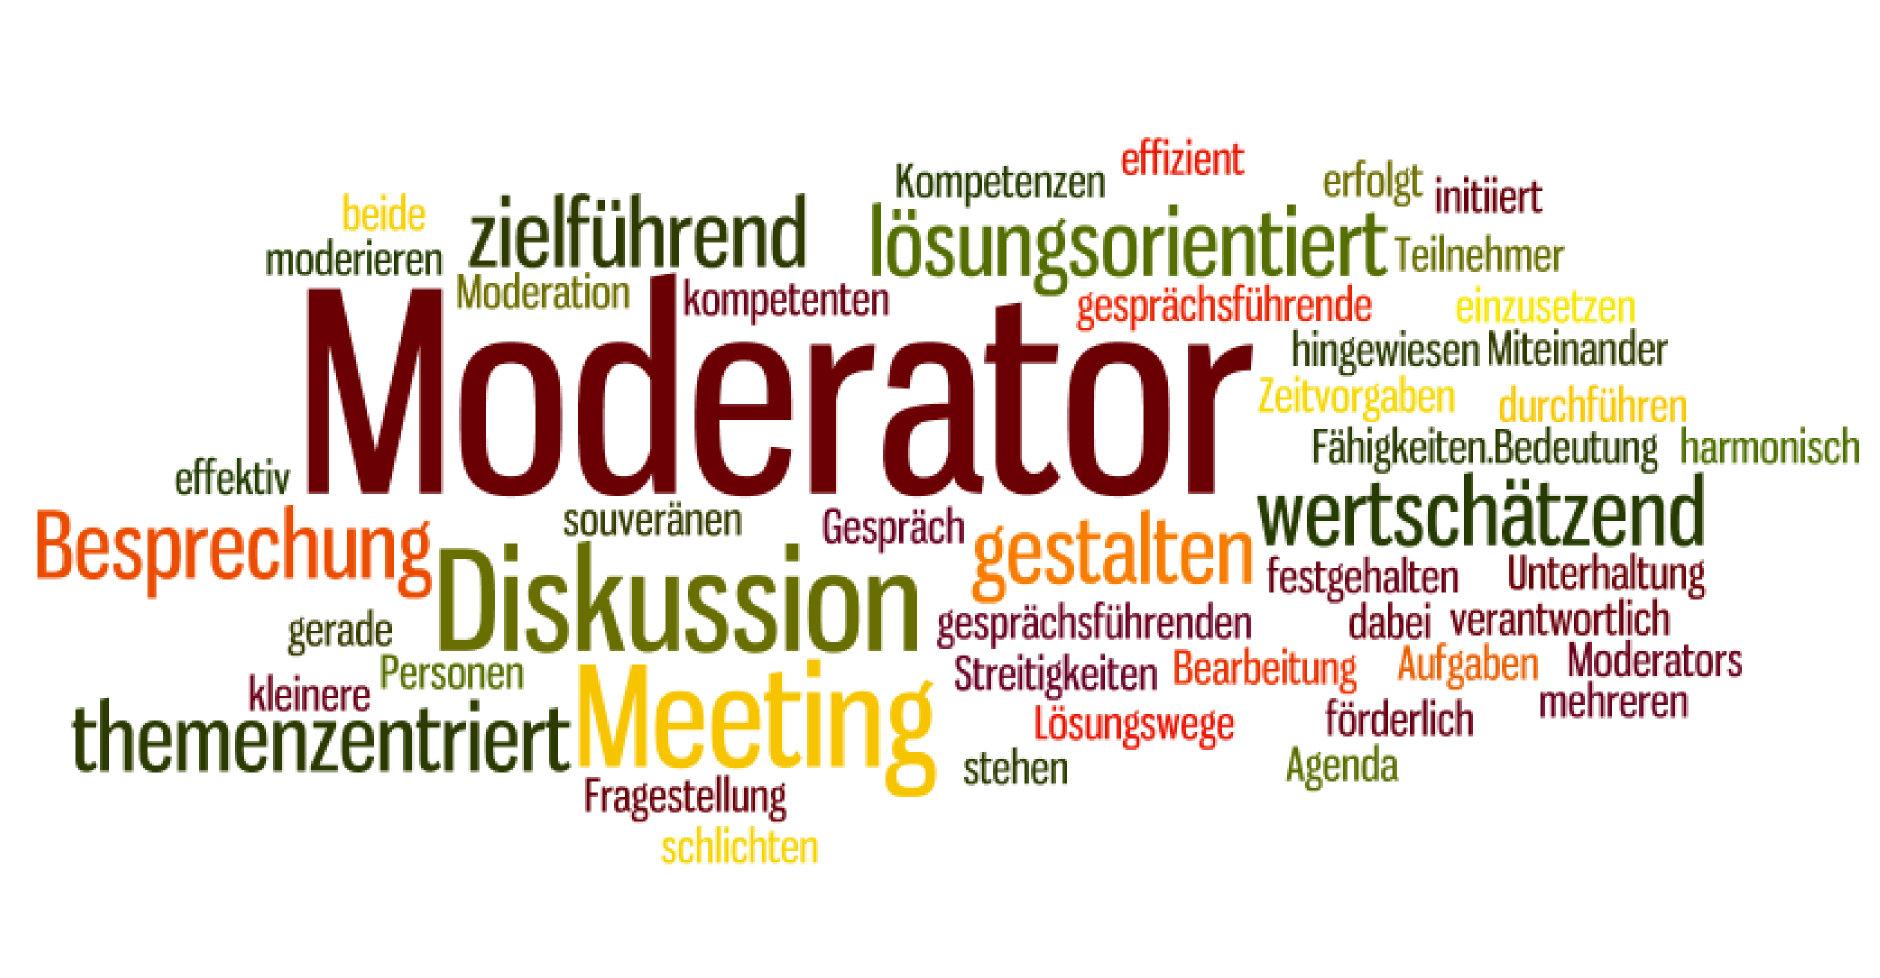 Zu den wichtigen Aufgaben eines Moderators gehört auch das aktive Zuhören.